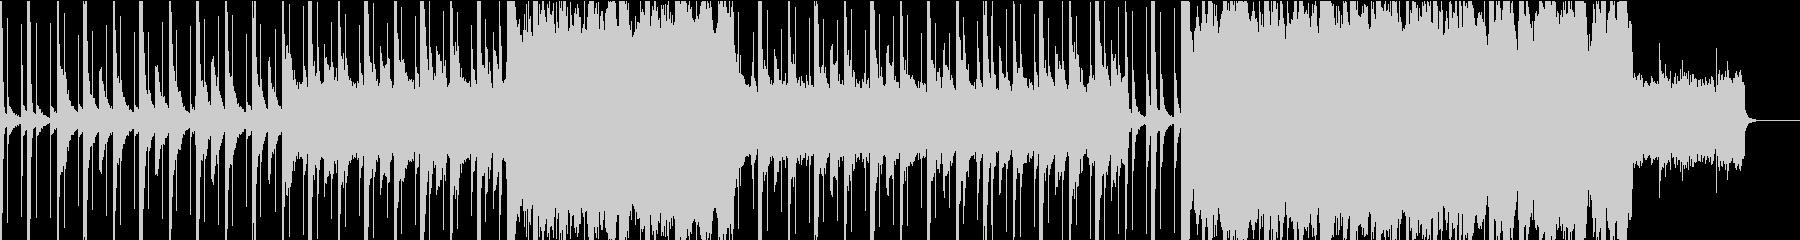 --チルアウト--エモいR&B、TRAPの未再生の波形